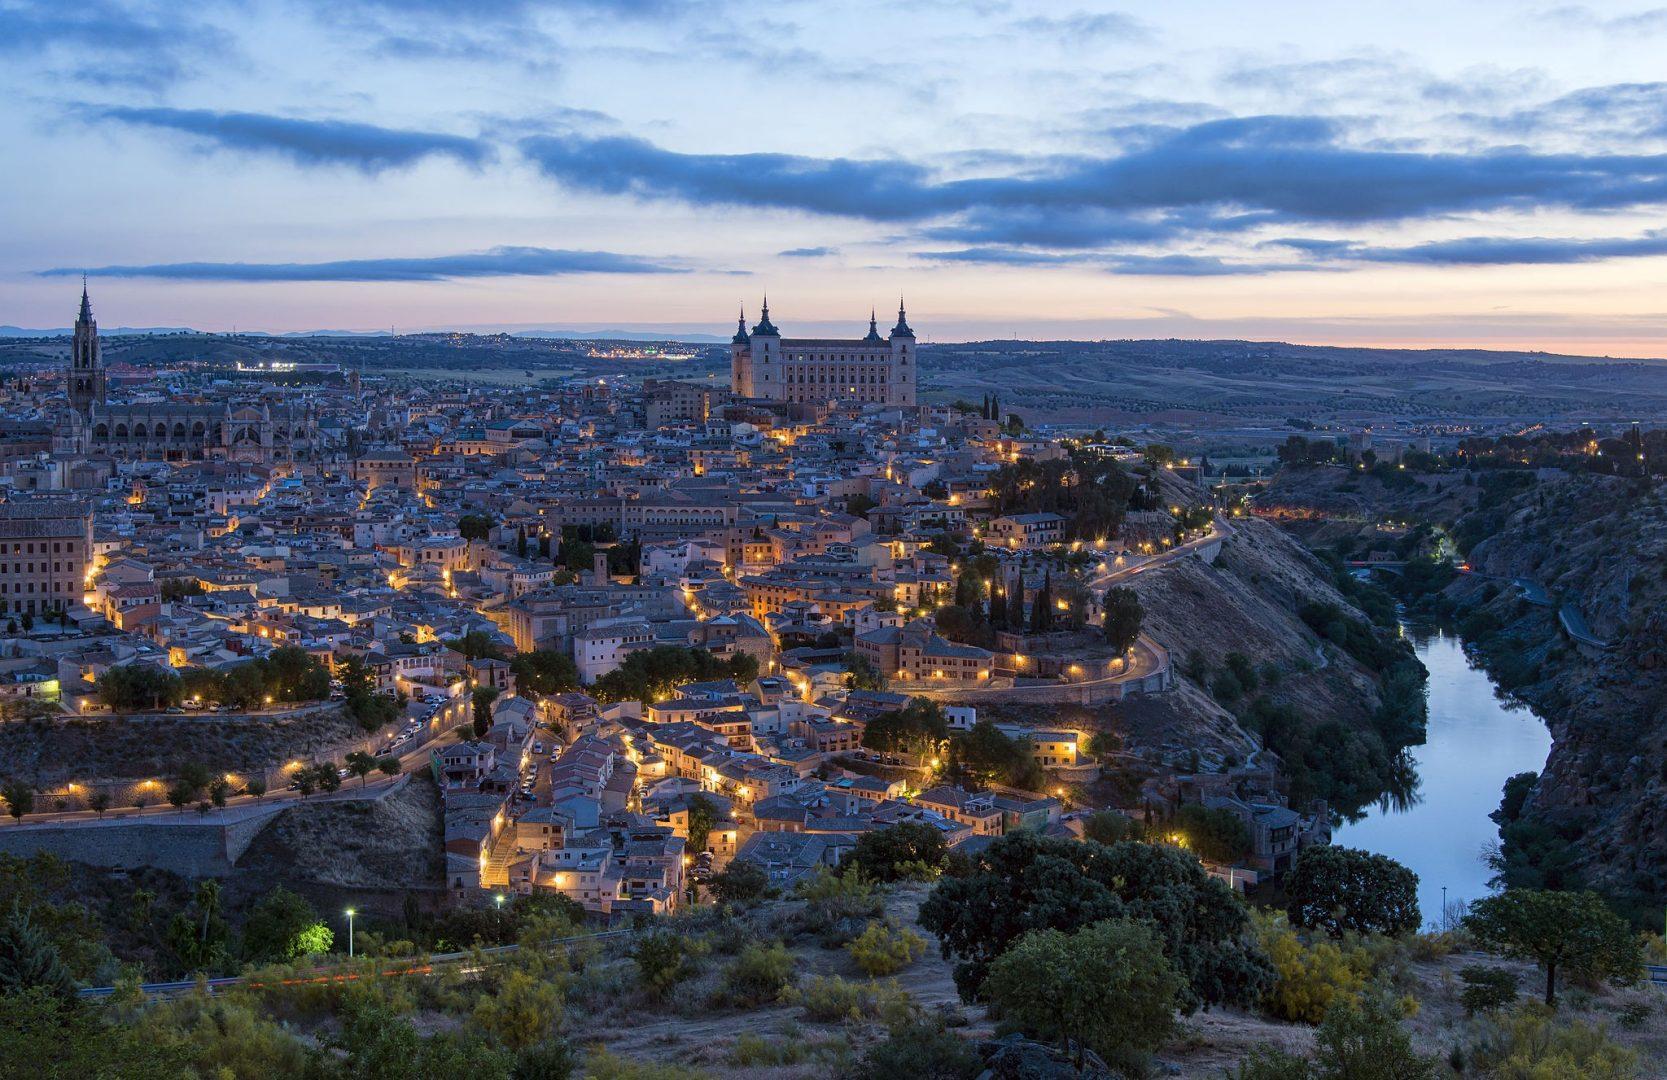 Toldeo, Spain